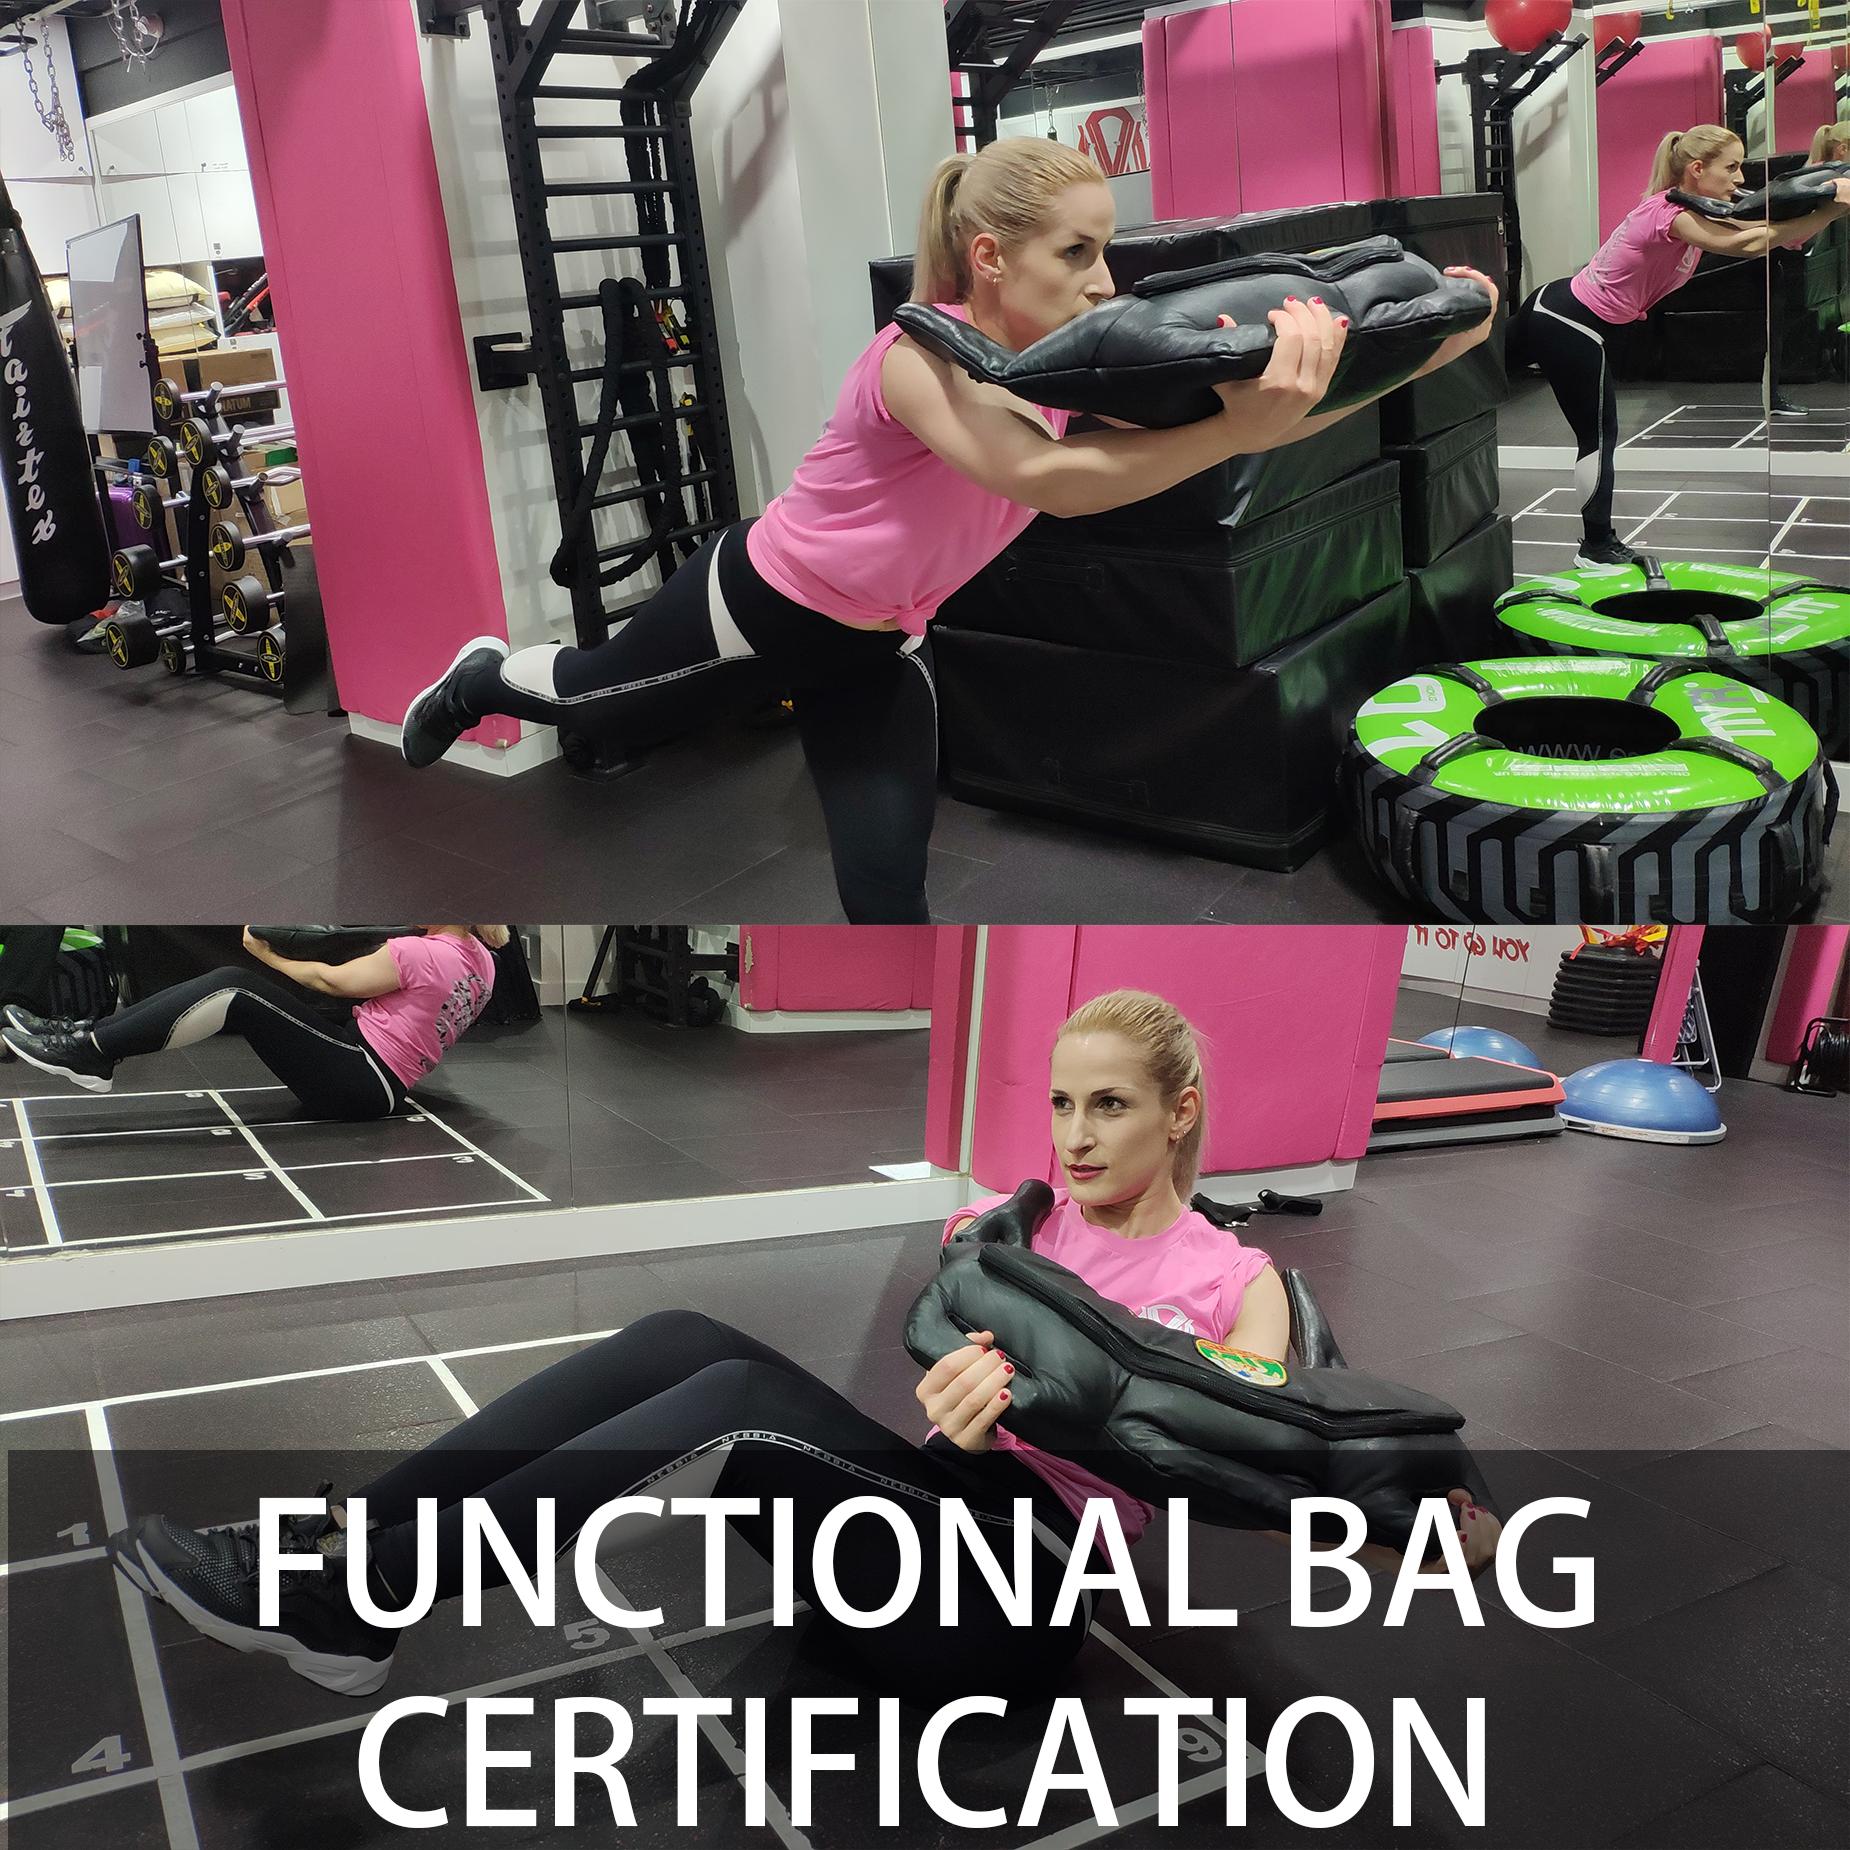 保加利亞袋證書課程(Functional Bag Certification)